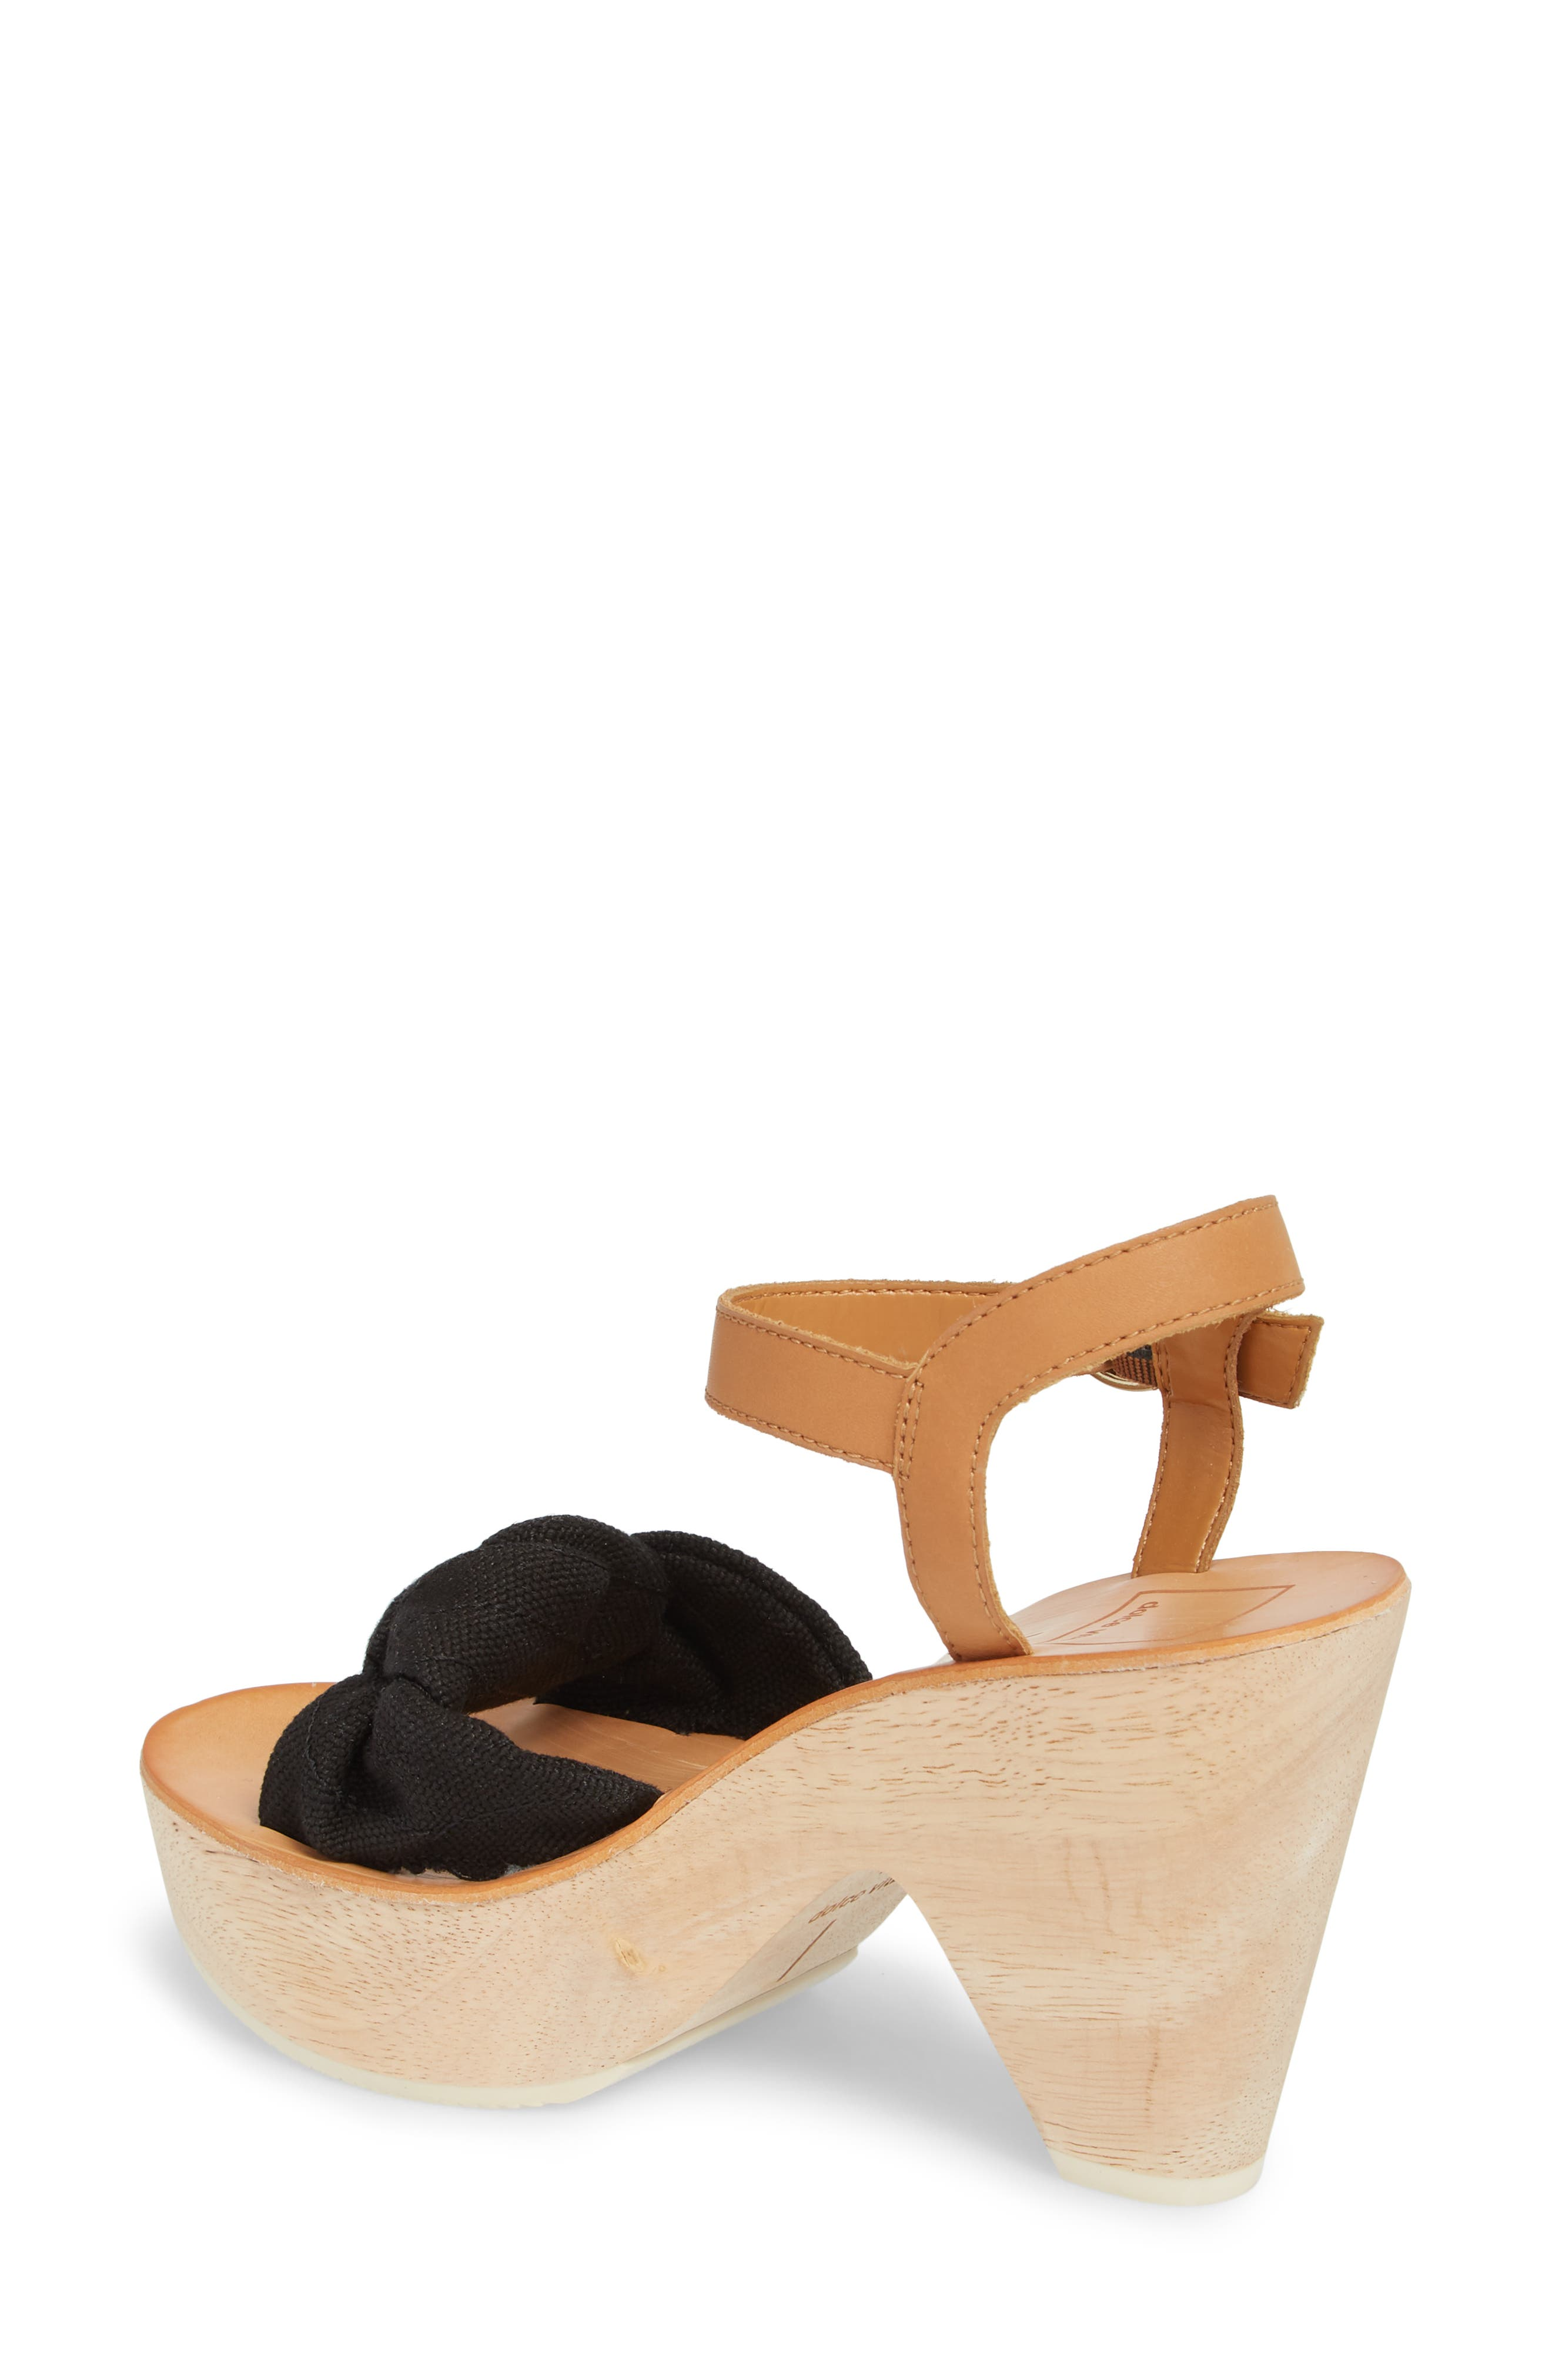 Shia Knotted Platform Sandal,                             Alternate thumbnail 2, color,                             Black Linen